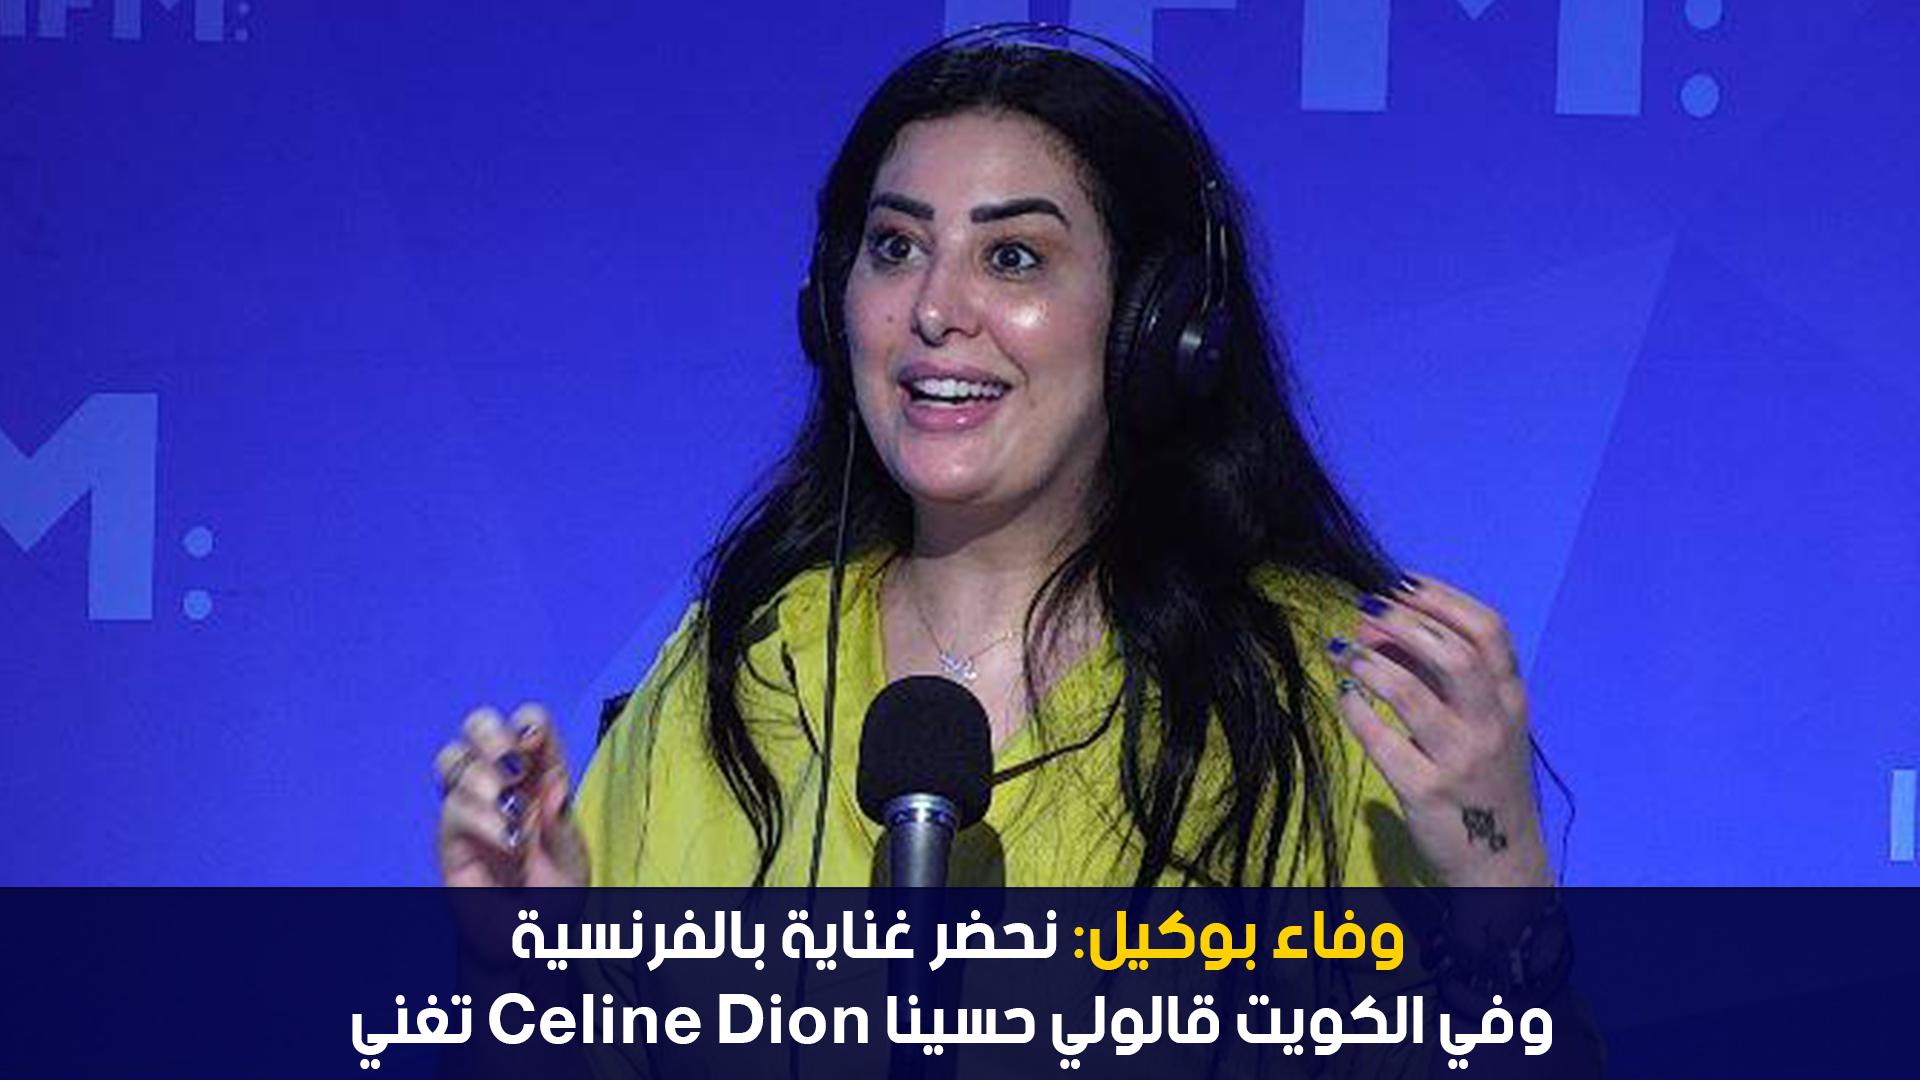 وفاء بوكيل:نحضر غناية بالفرنسية وفي الكويت قالولي حسينا Céline dion تغني